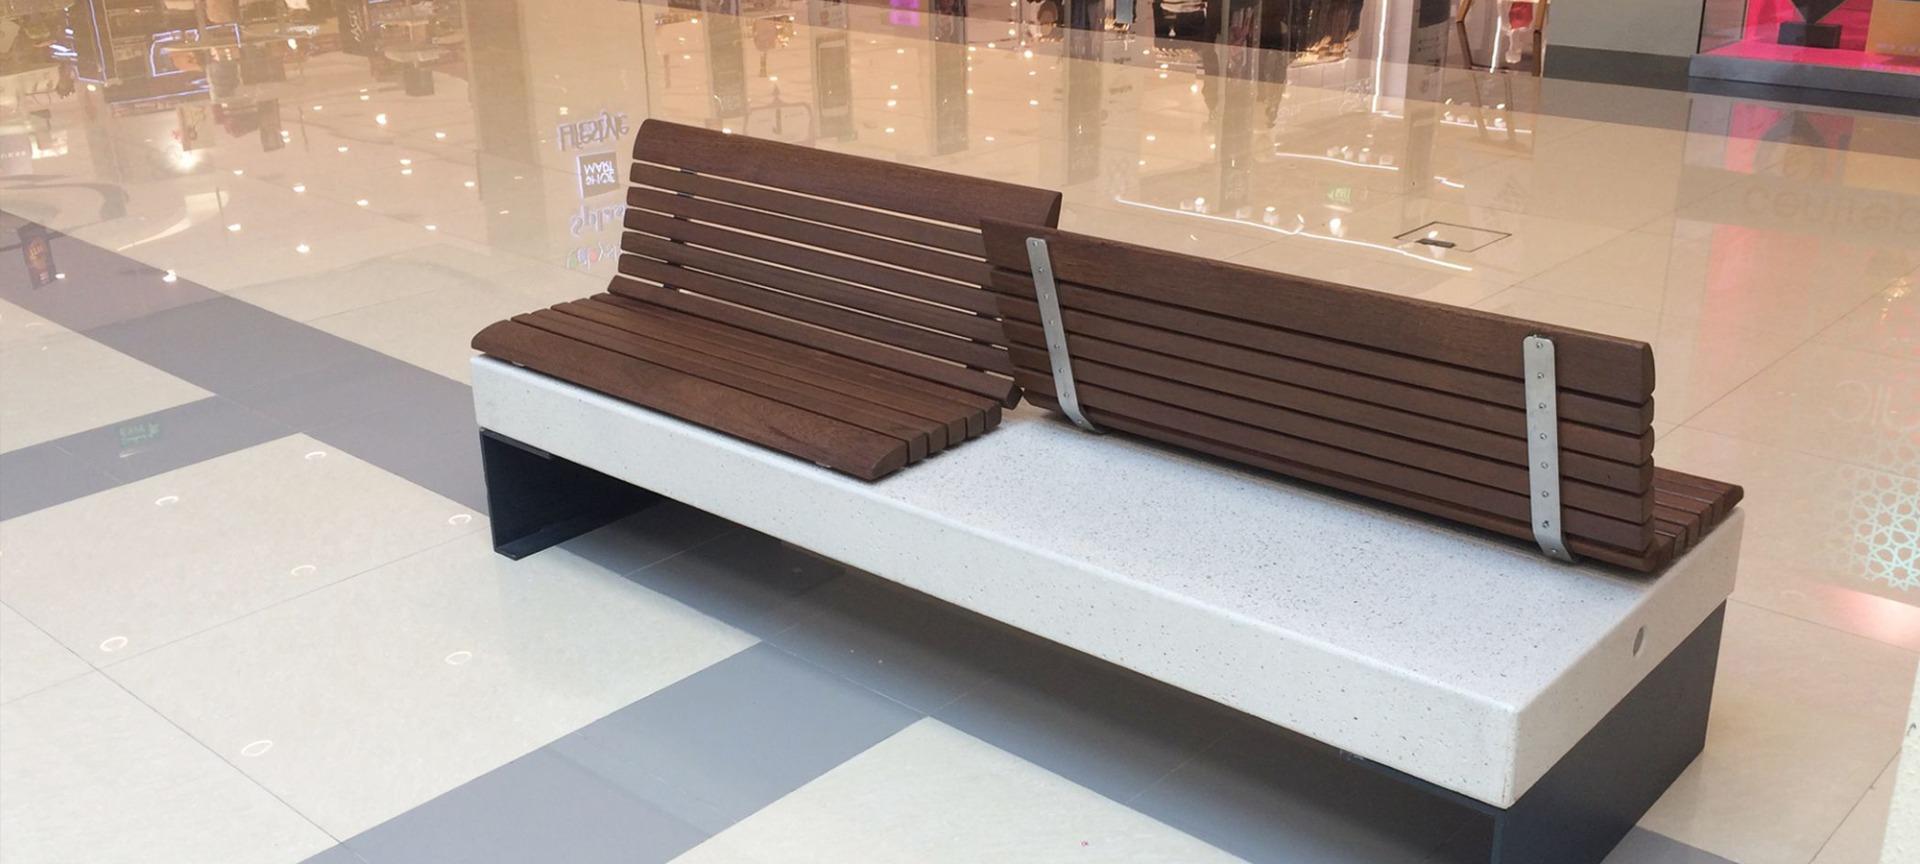 Oasis Mall Al Khuwair